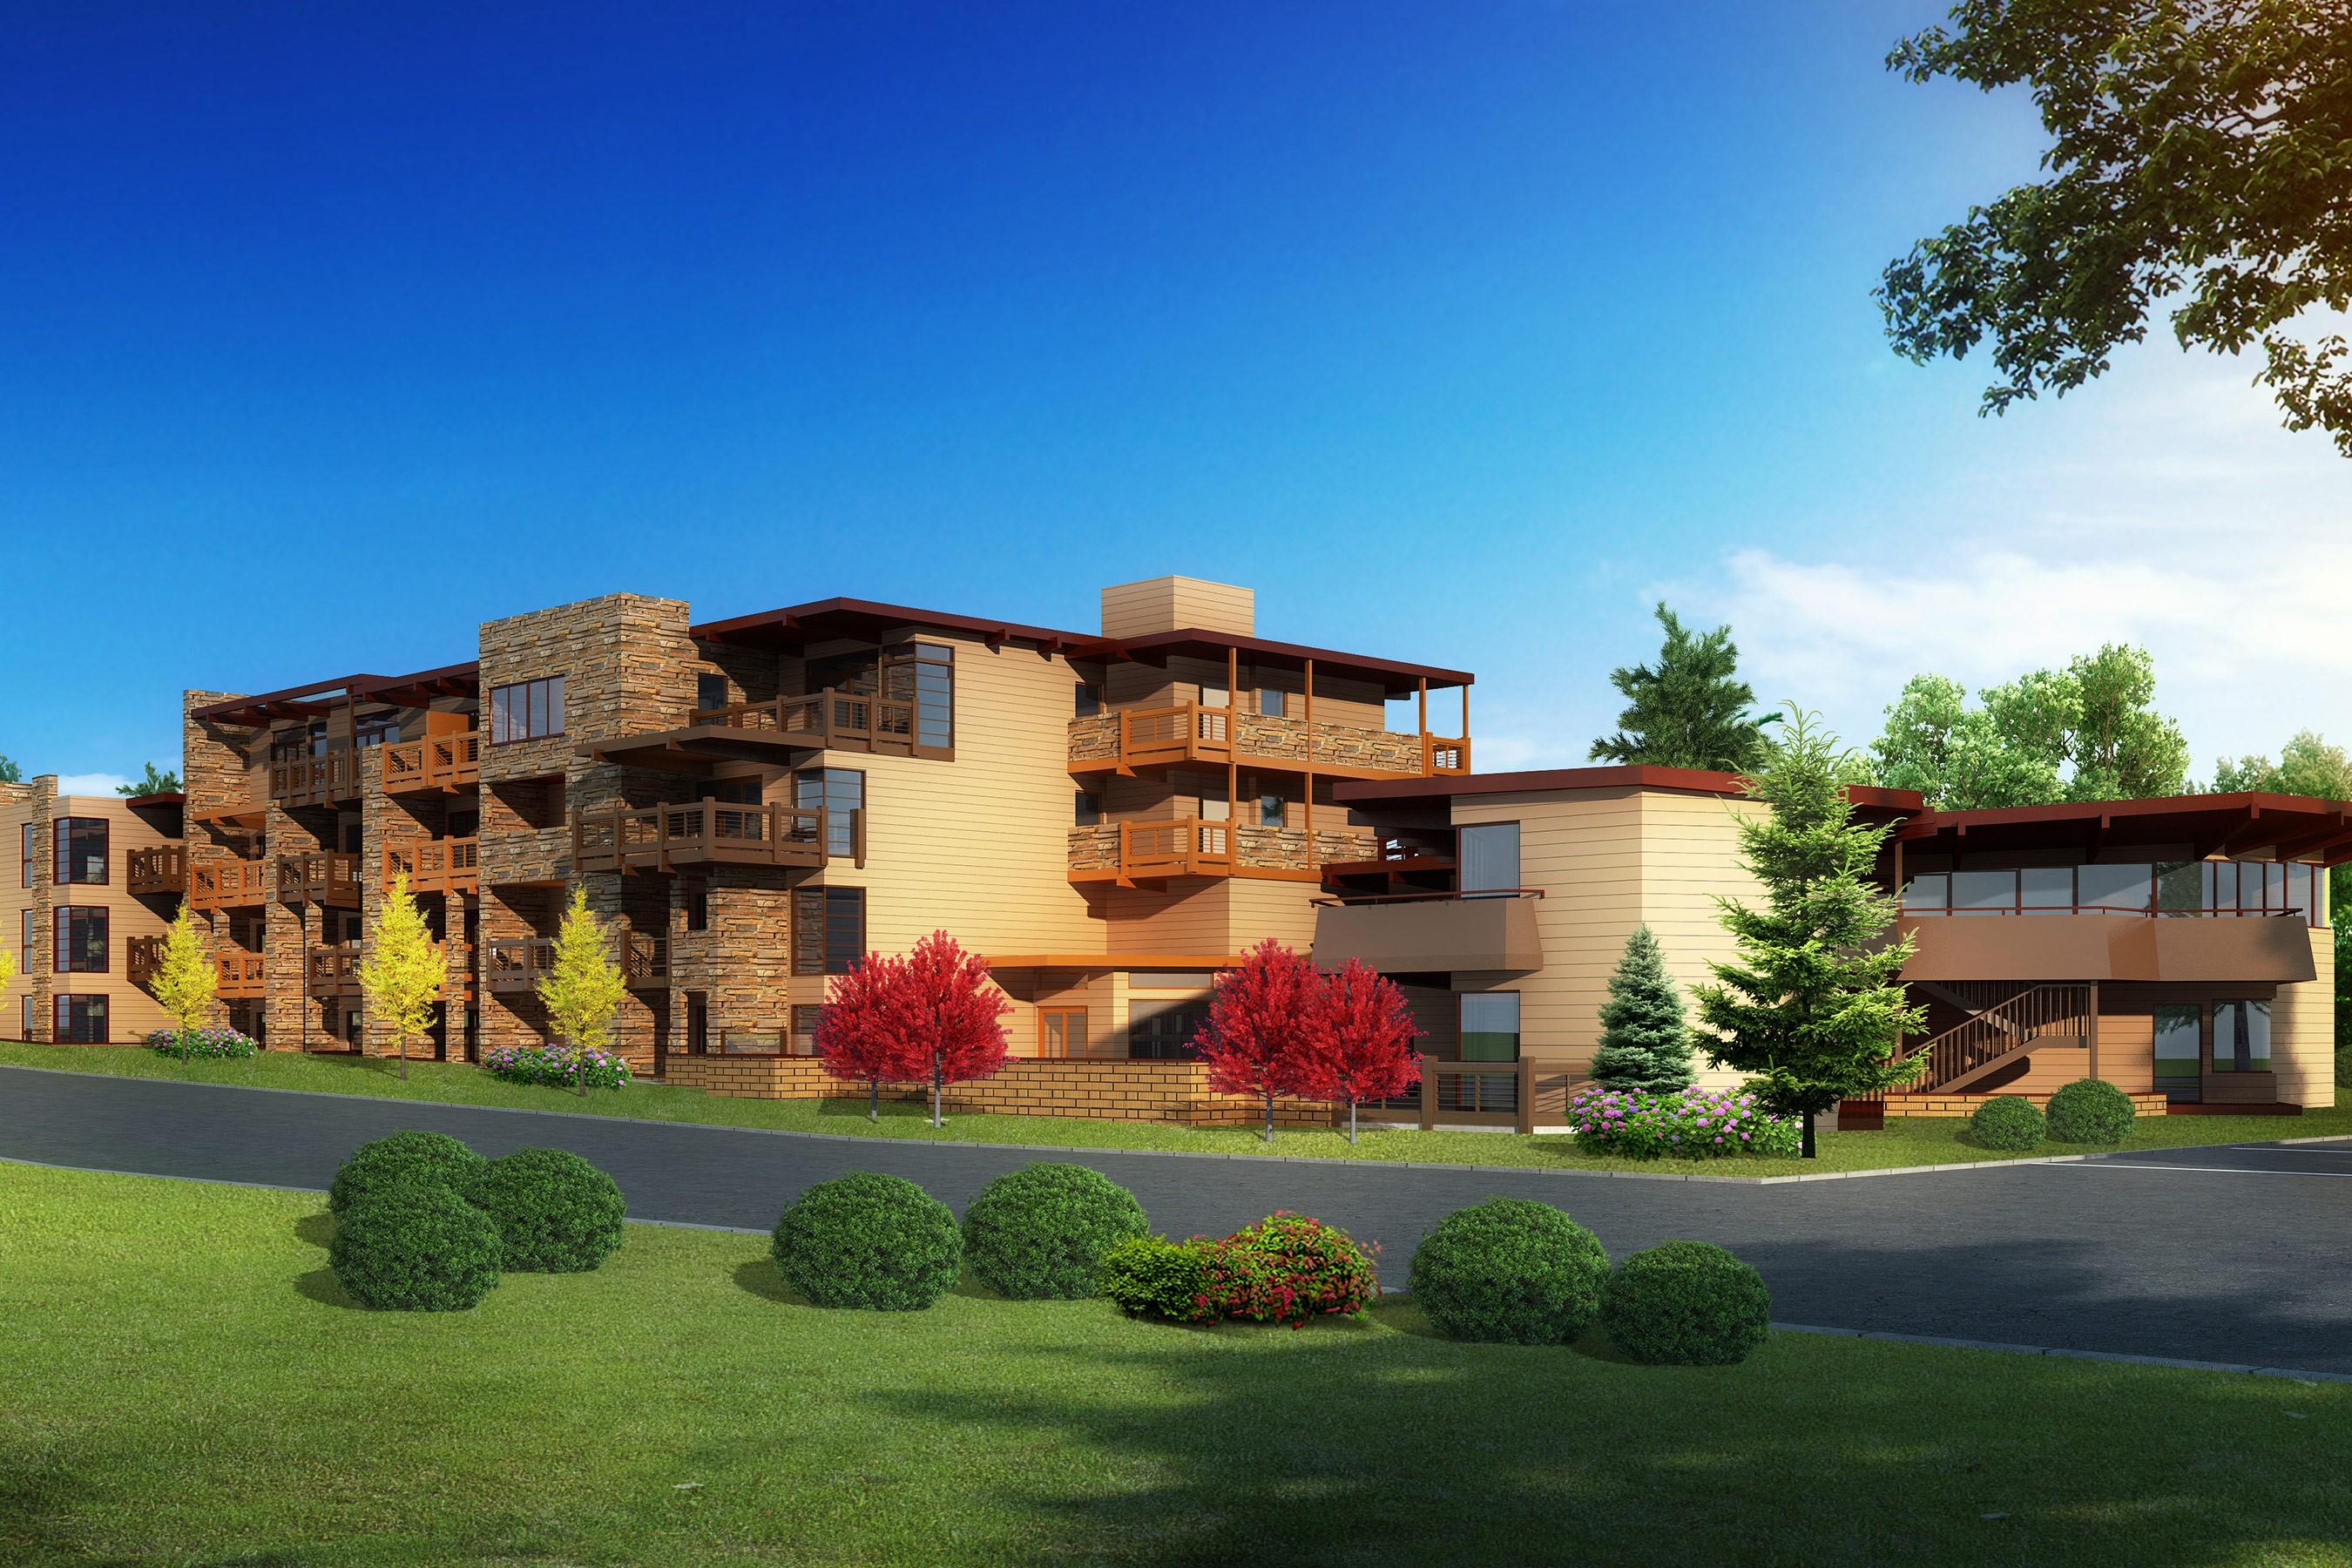 Кооперативная квартира для того Продажа на Boomerang Lodge 500 W. Hopkins Avenue Unit 401 Aspen, Колорадо, 81611 Соединенные Штаты